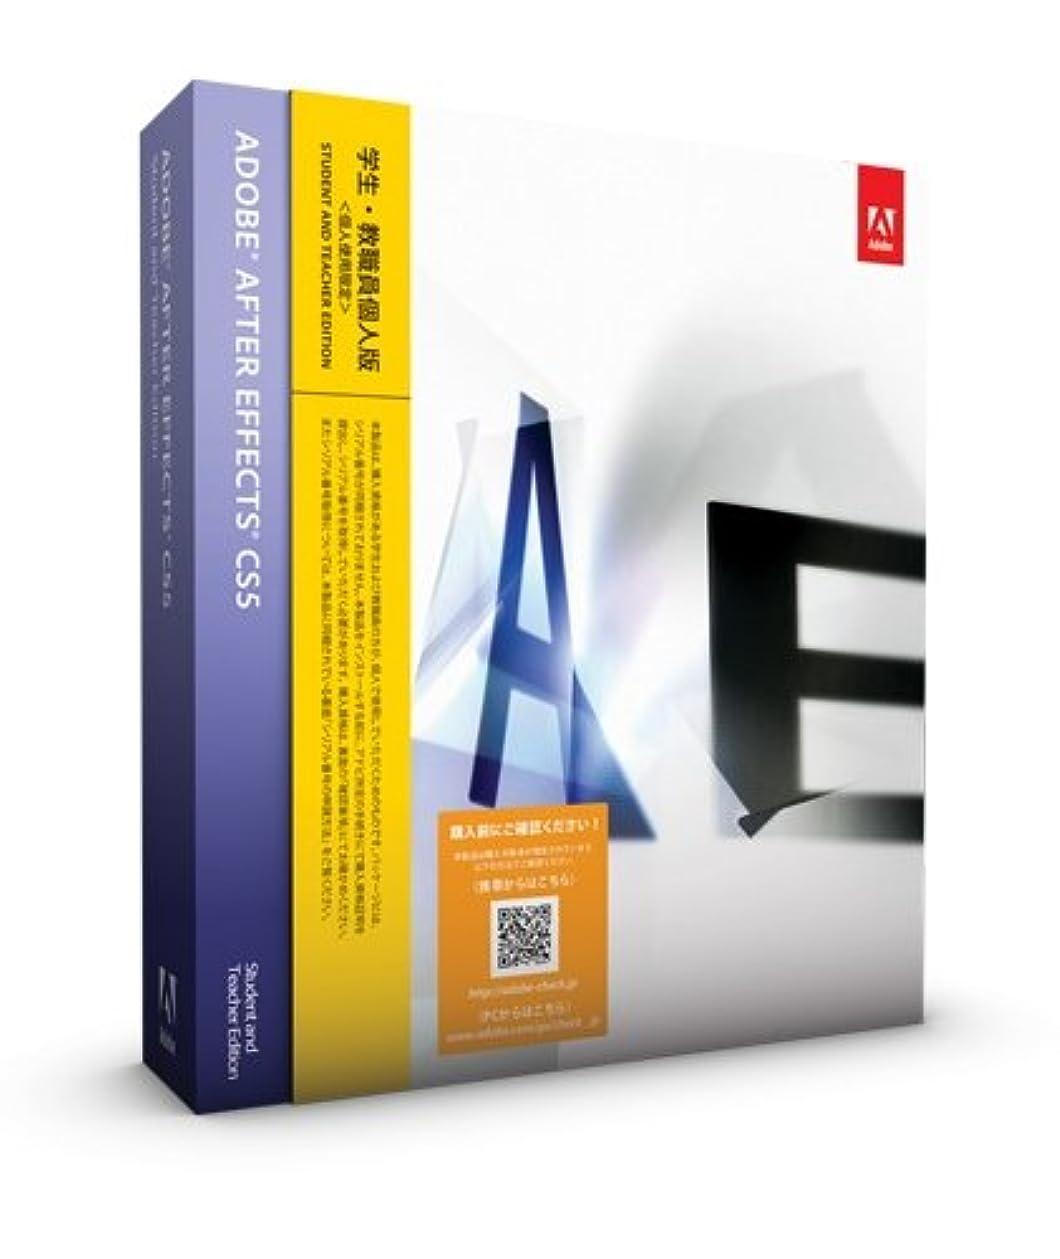 コンパス日帰り旅行に法律学生?教職員個人版 Adobe After Effects CS5 Windows版 (64bit) (要シリアル番号申請)